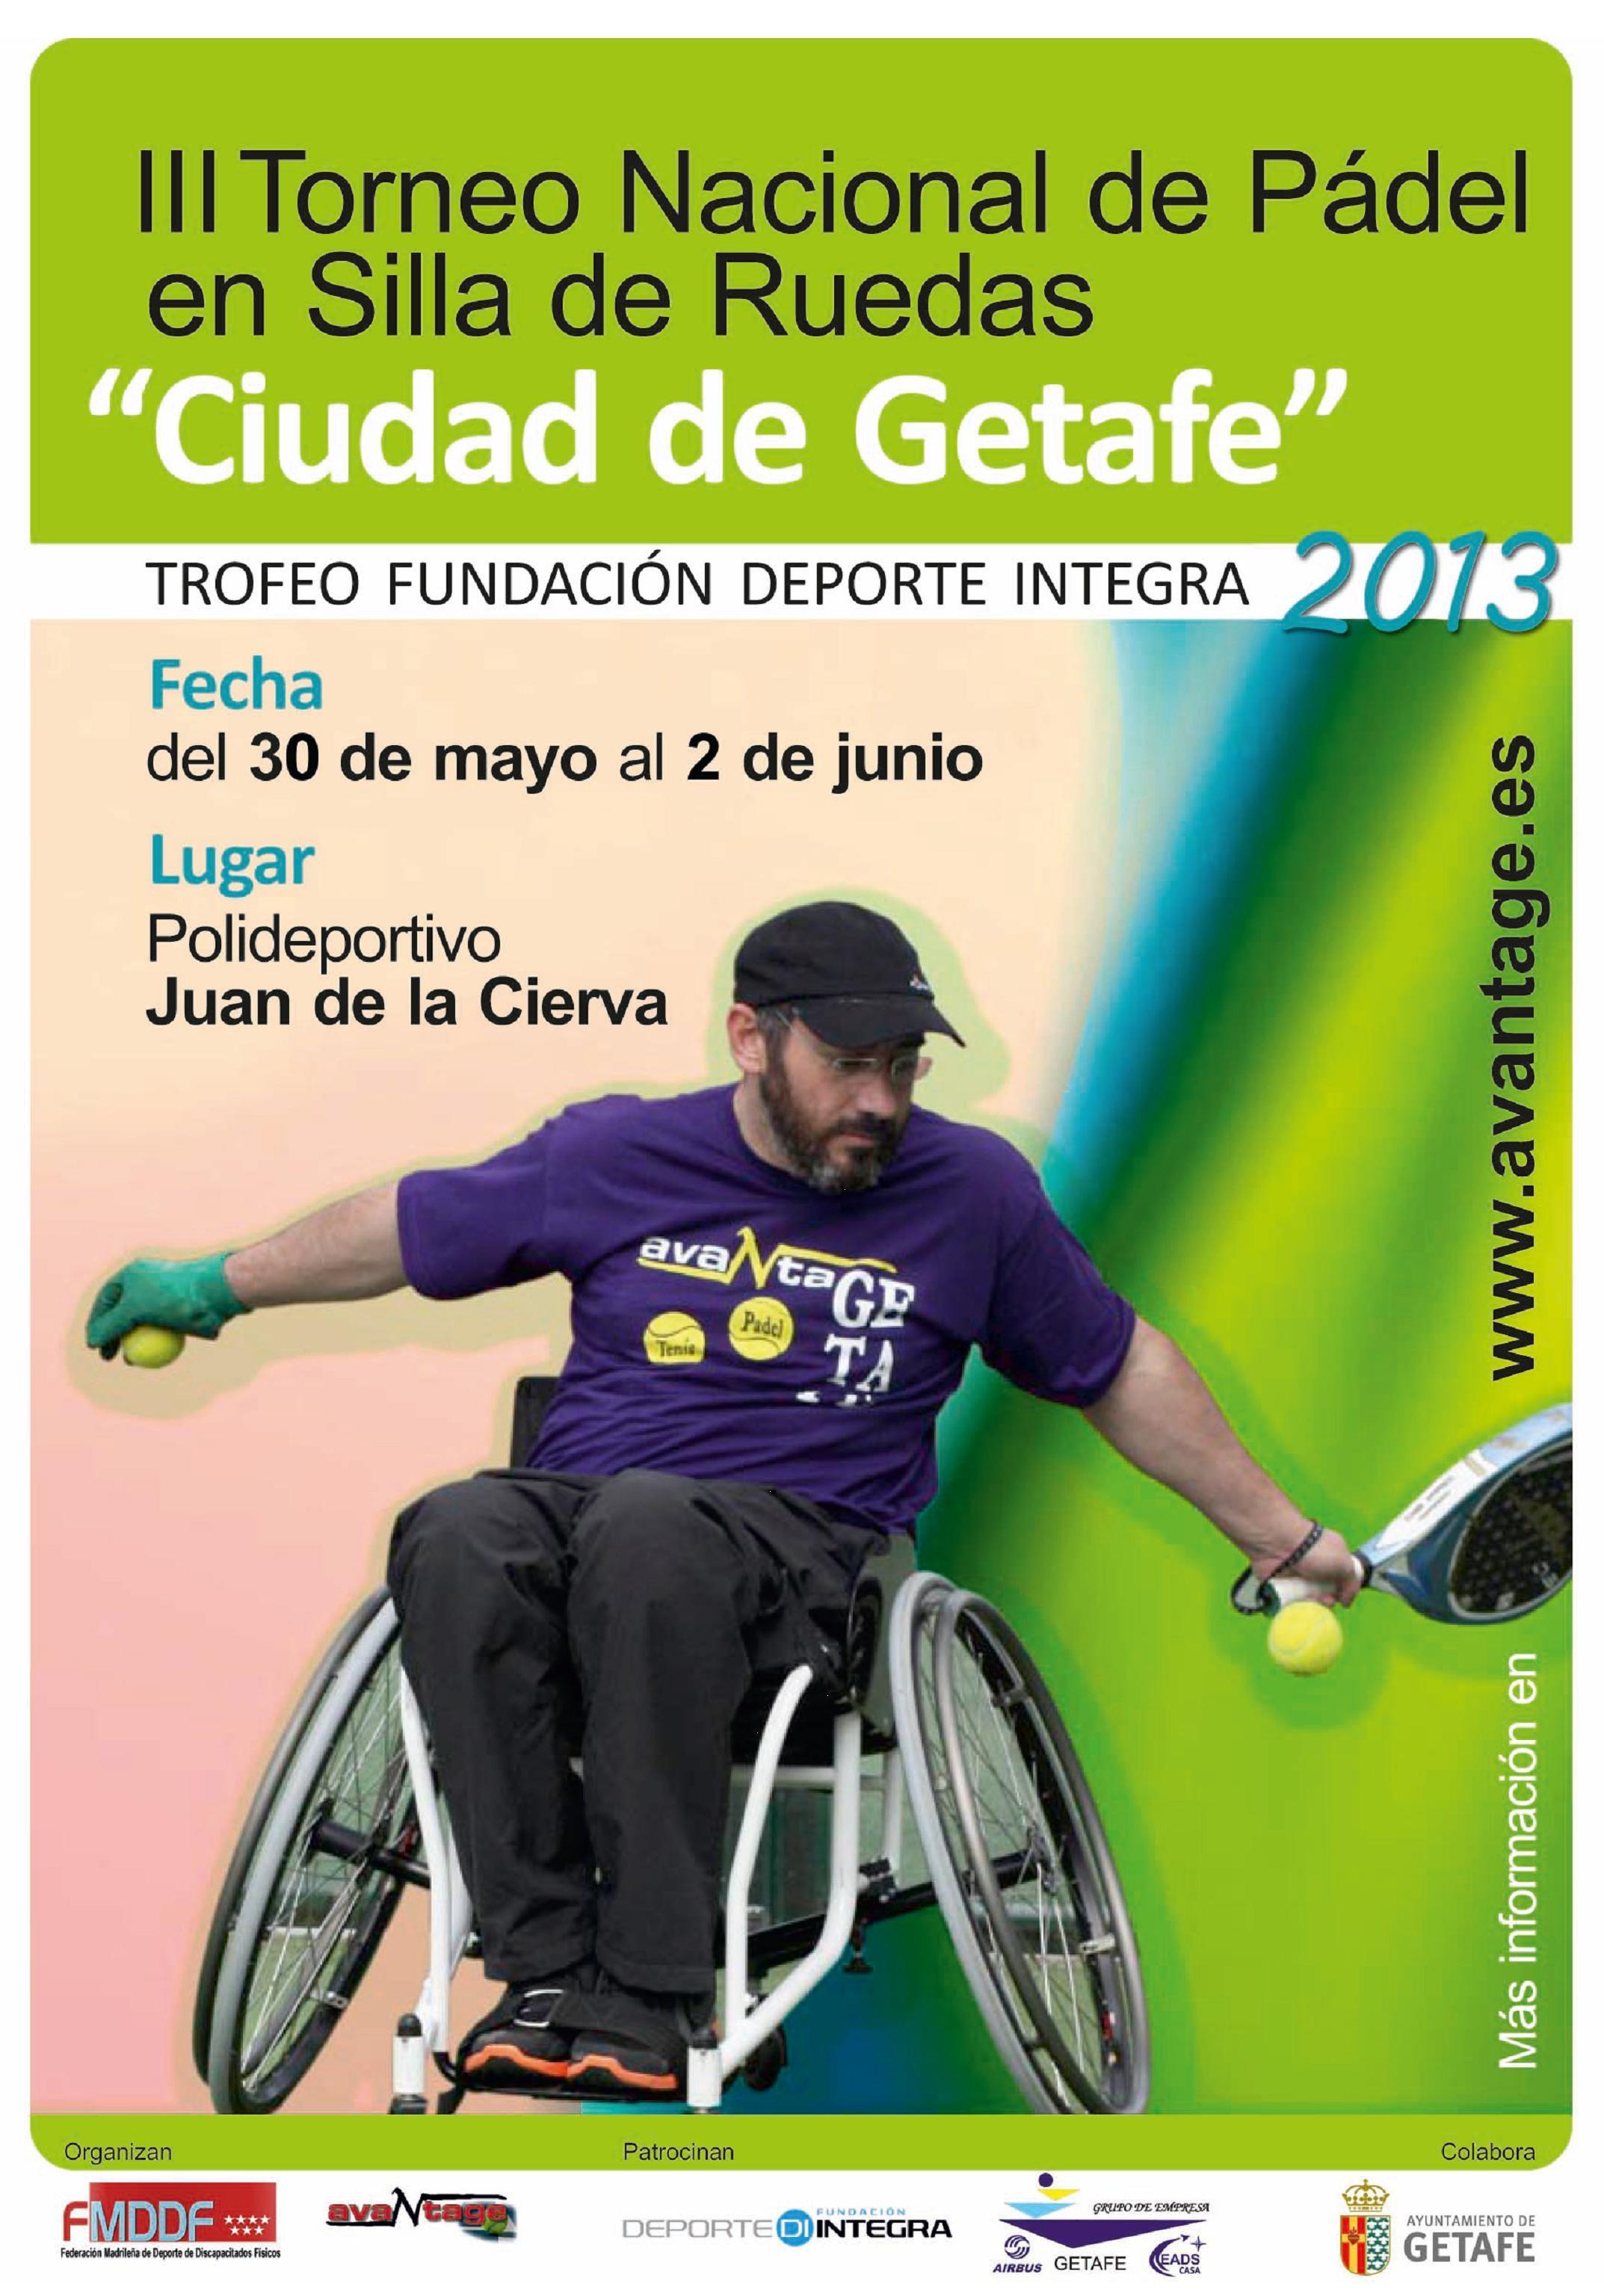 """III Torneo Nacional de Pádel en Silla de Ruedas """"Ciudad de Getafe"""""""